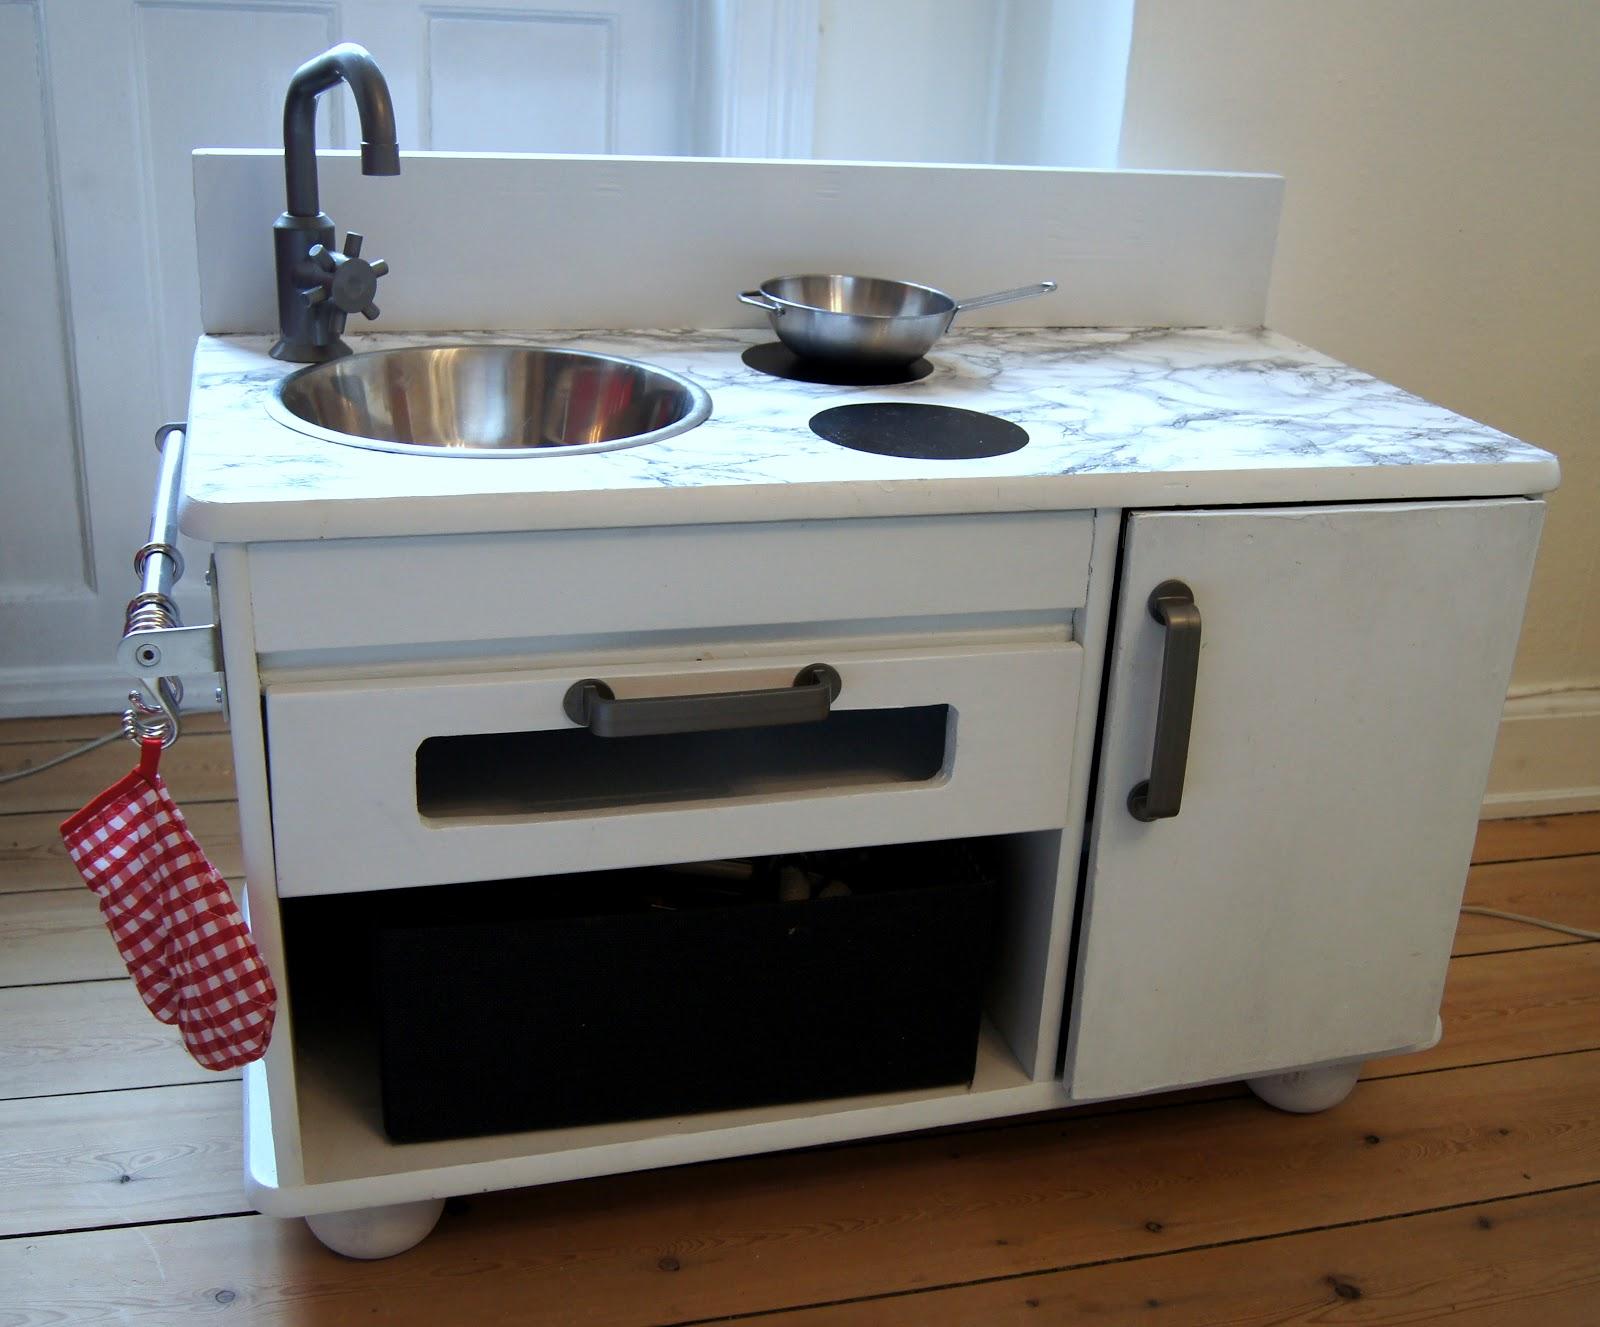 #653D25 Mest effektive Frk Fløjgaard: Gør Det Selv Køkken I Miniudgave Gør Det Selv Køkken 5585 160013275585